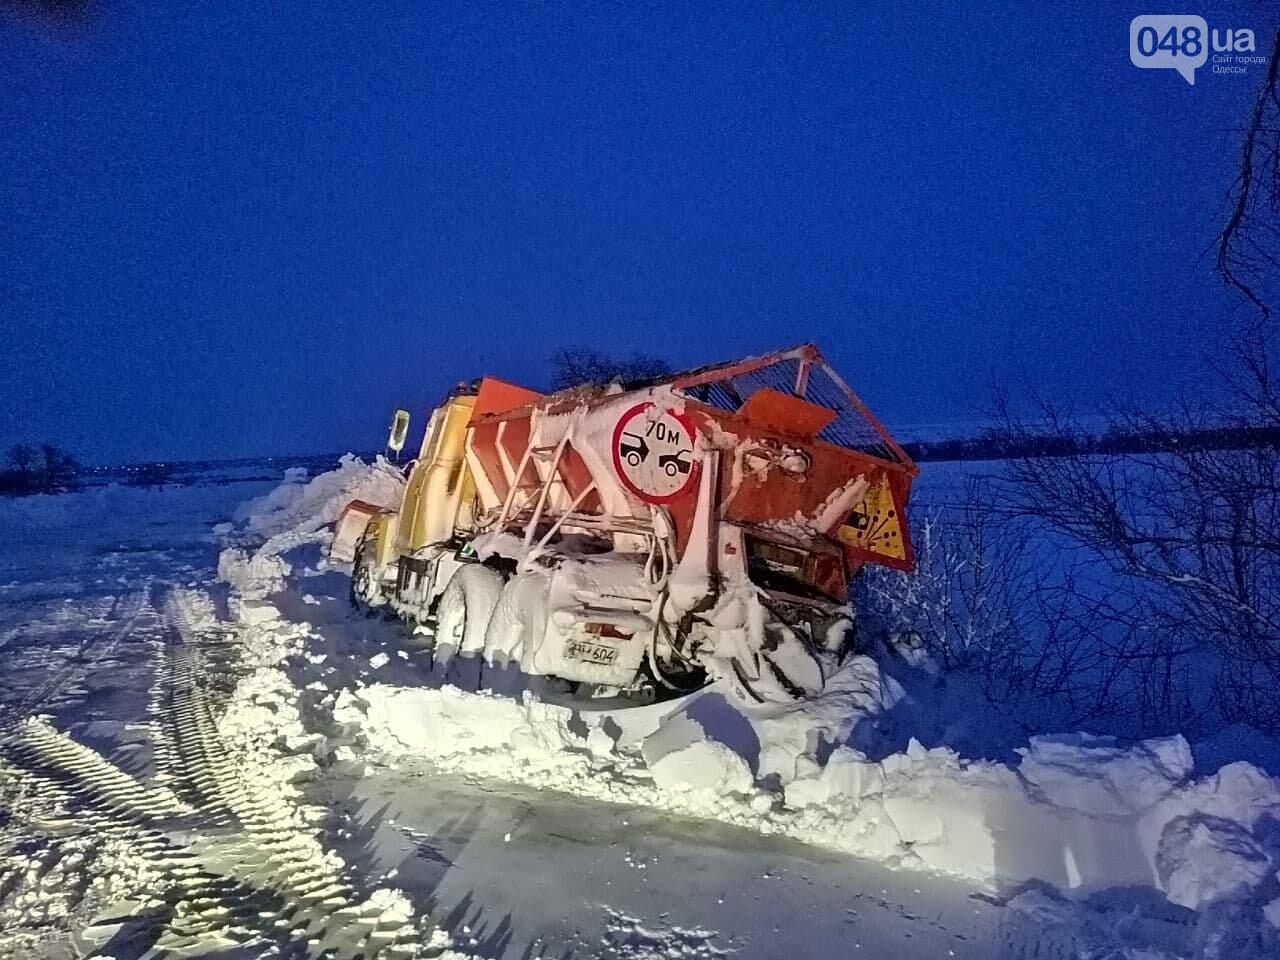 Трасса Одесса-Рени: брошенные автомобили, трактора и сугробы,- ВИДЕО, ФОТО, фото-16